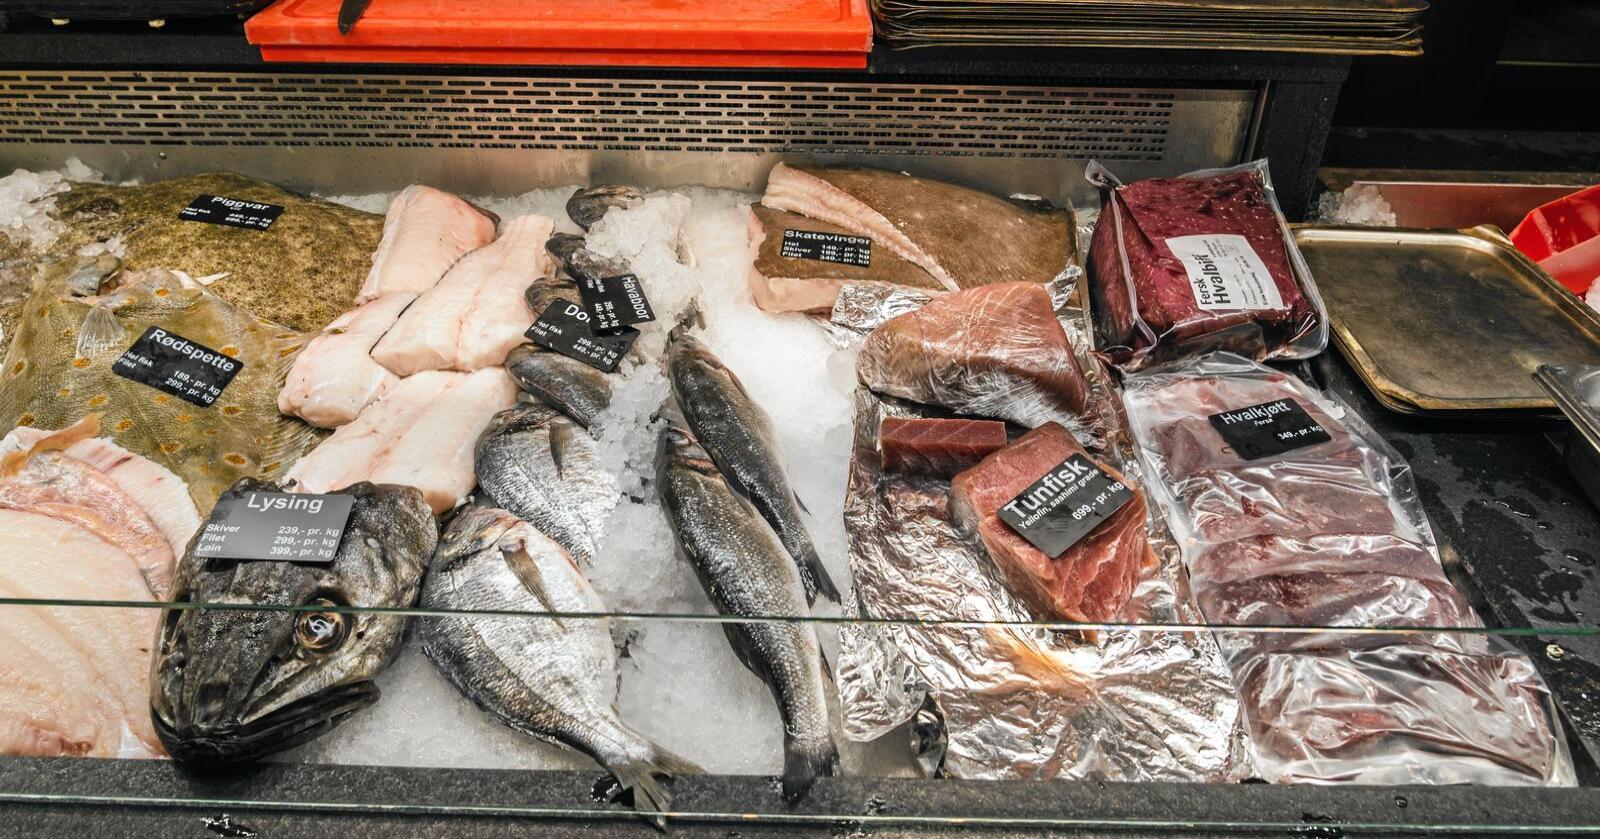 Hvert år fanger norske fiskere 2,6 millioner tonn villfanget sjømat som ikke har smakt et gram soya, og produserer vel 400.000 tonn kjøtt, skriver Tom-Christer Nilsen. Foto: Mostphotos